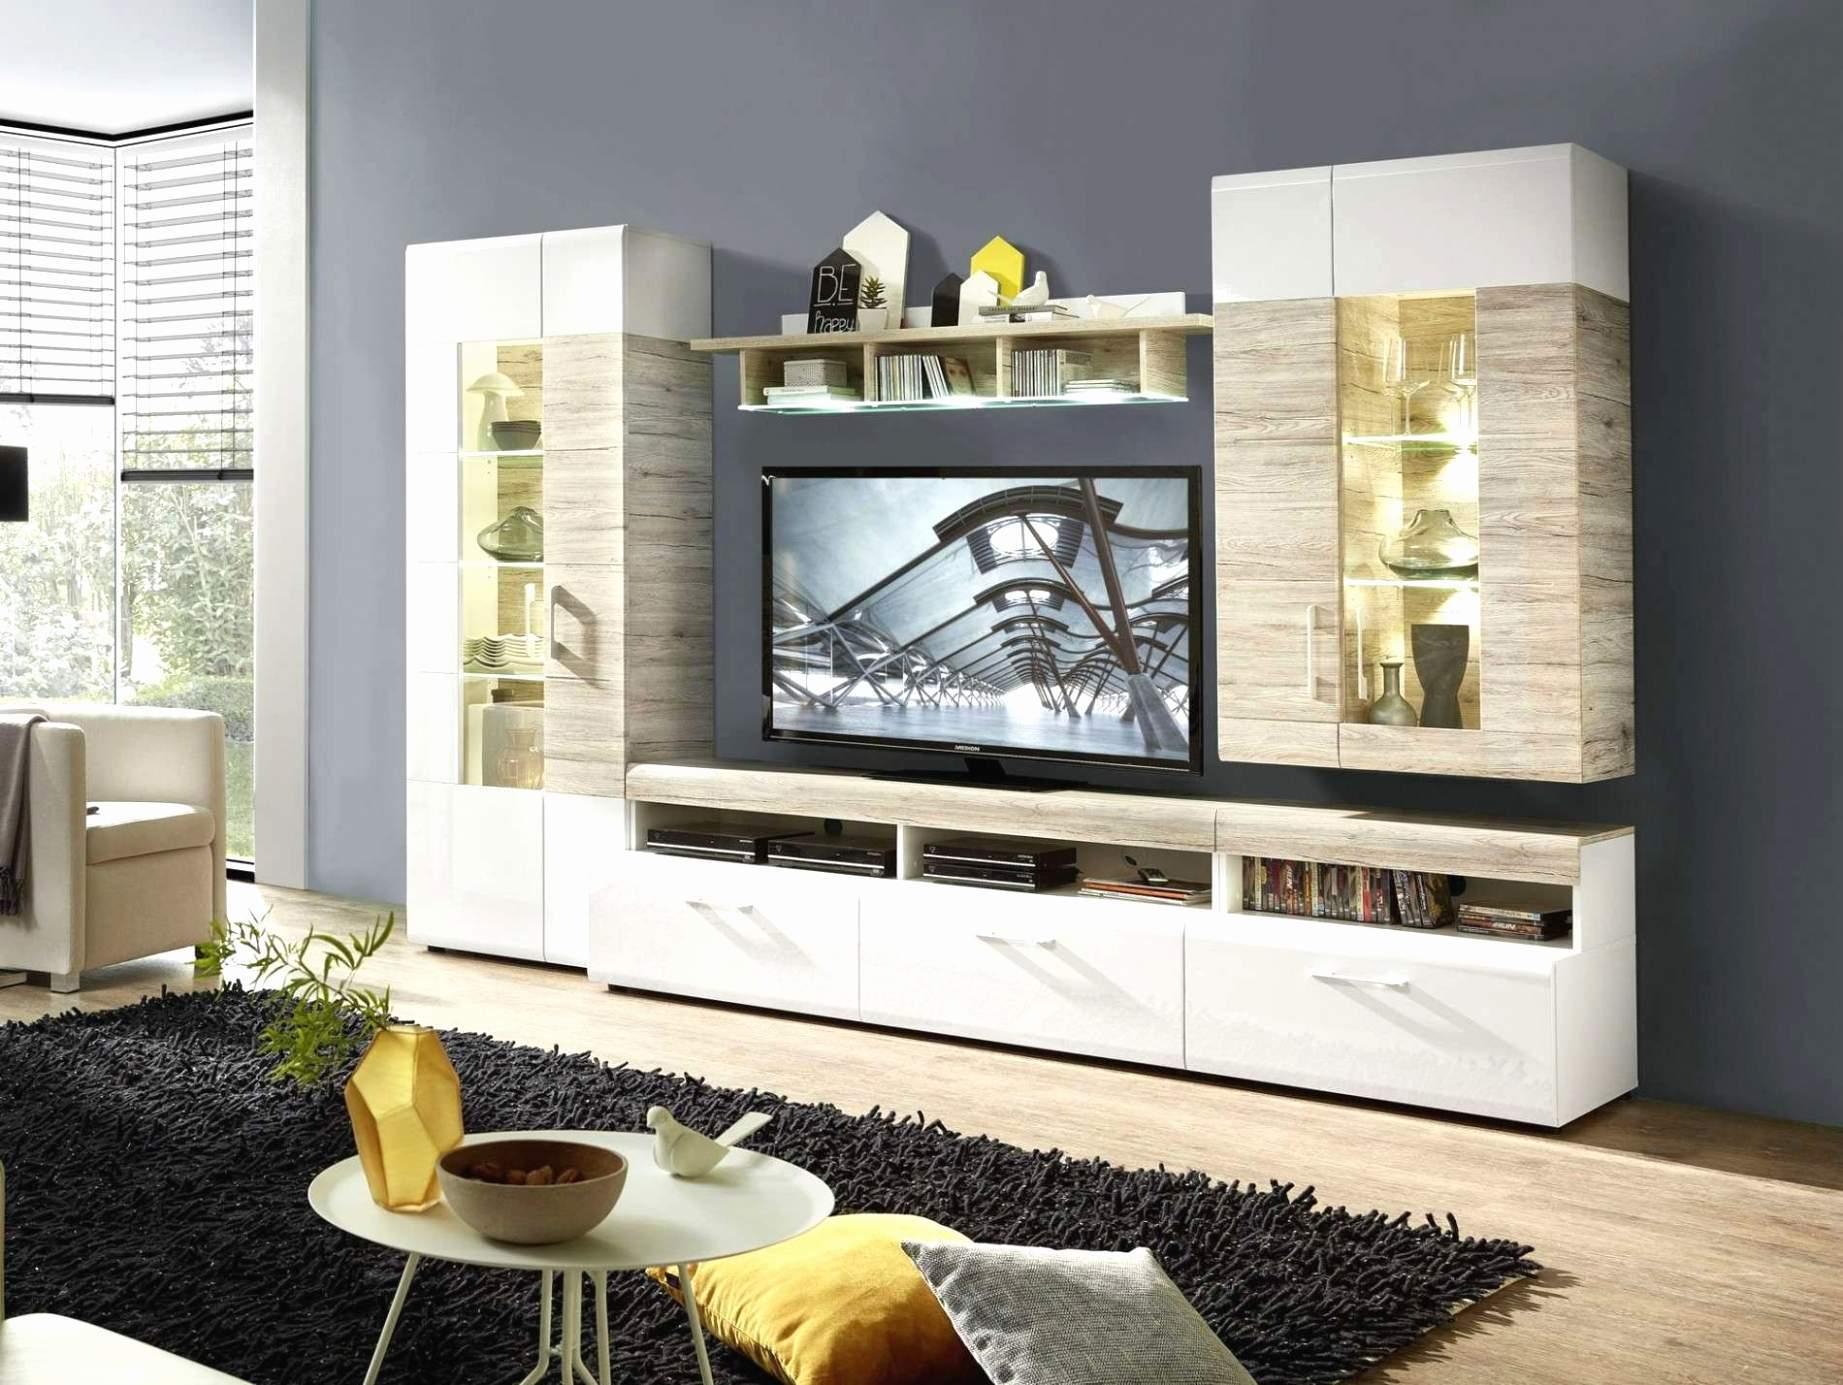 wanddeko wohnzimmer metall reizend luxus wanddeko wohnzimmer of wanddeko wohnzimmer metall